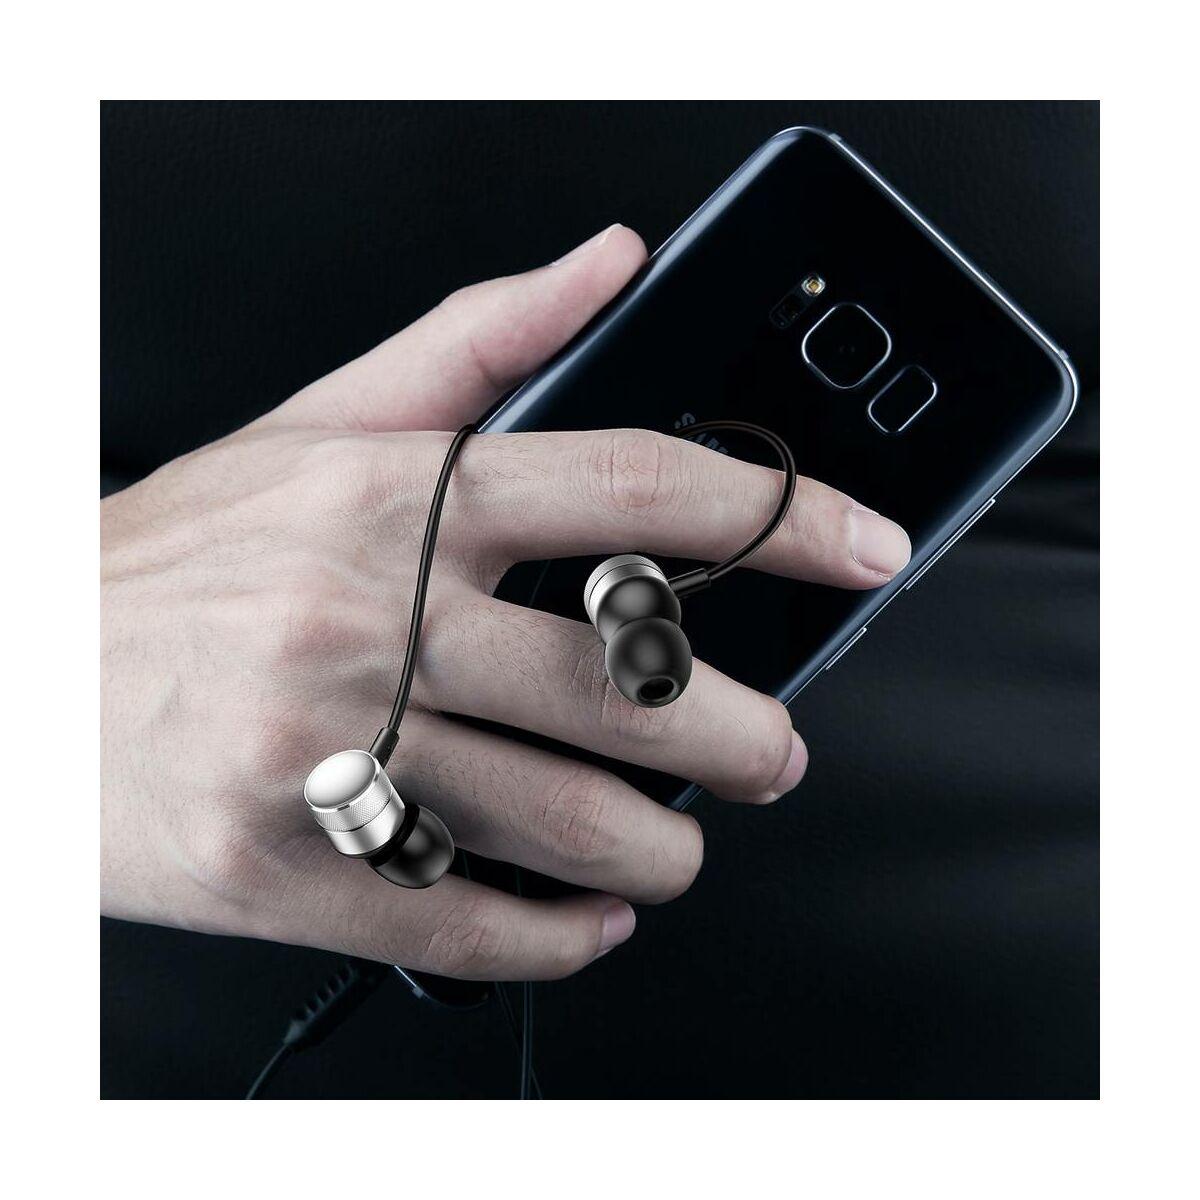 Baseus fülhallgató, Encok H04, mini jack, vezetékes, ezüst (NGH04-0S)